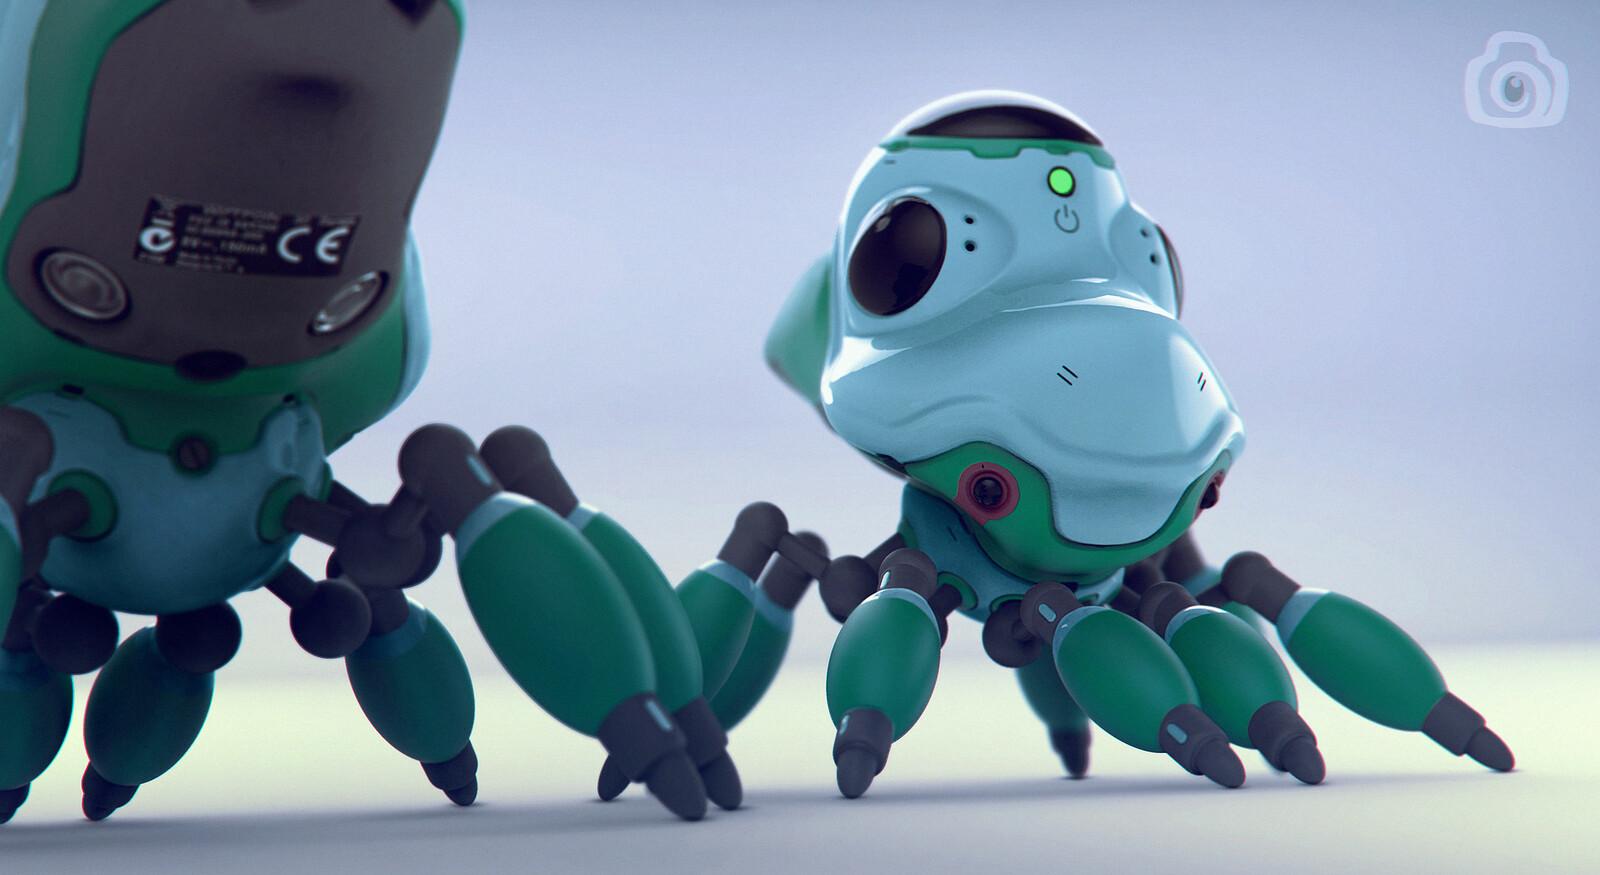 Social Media Bot Winston